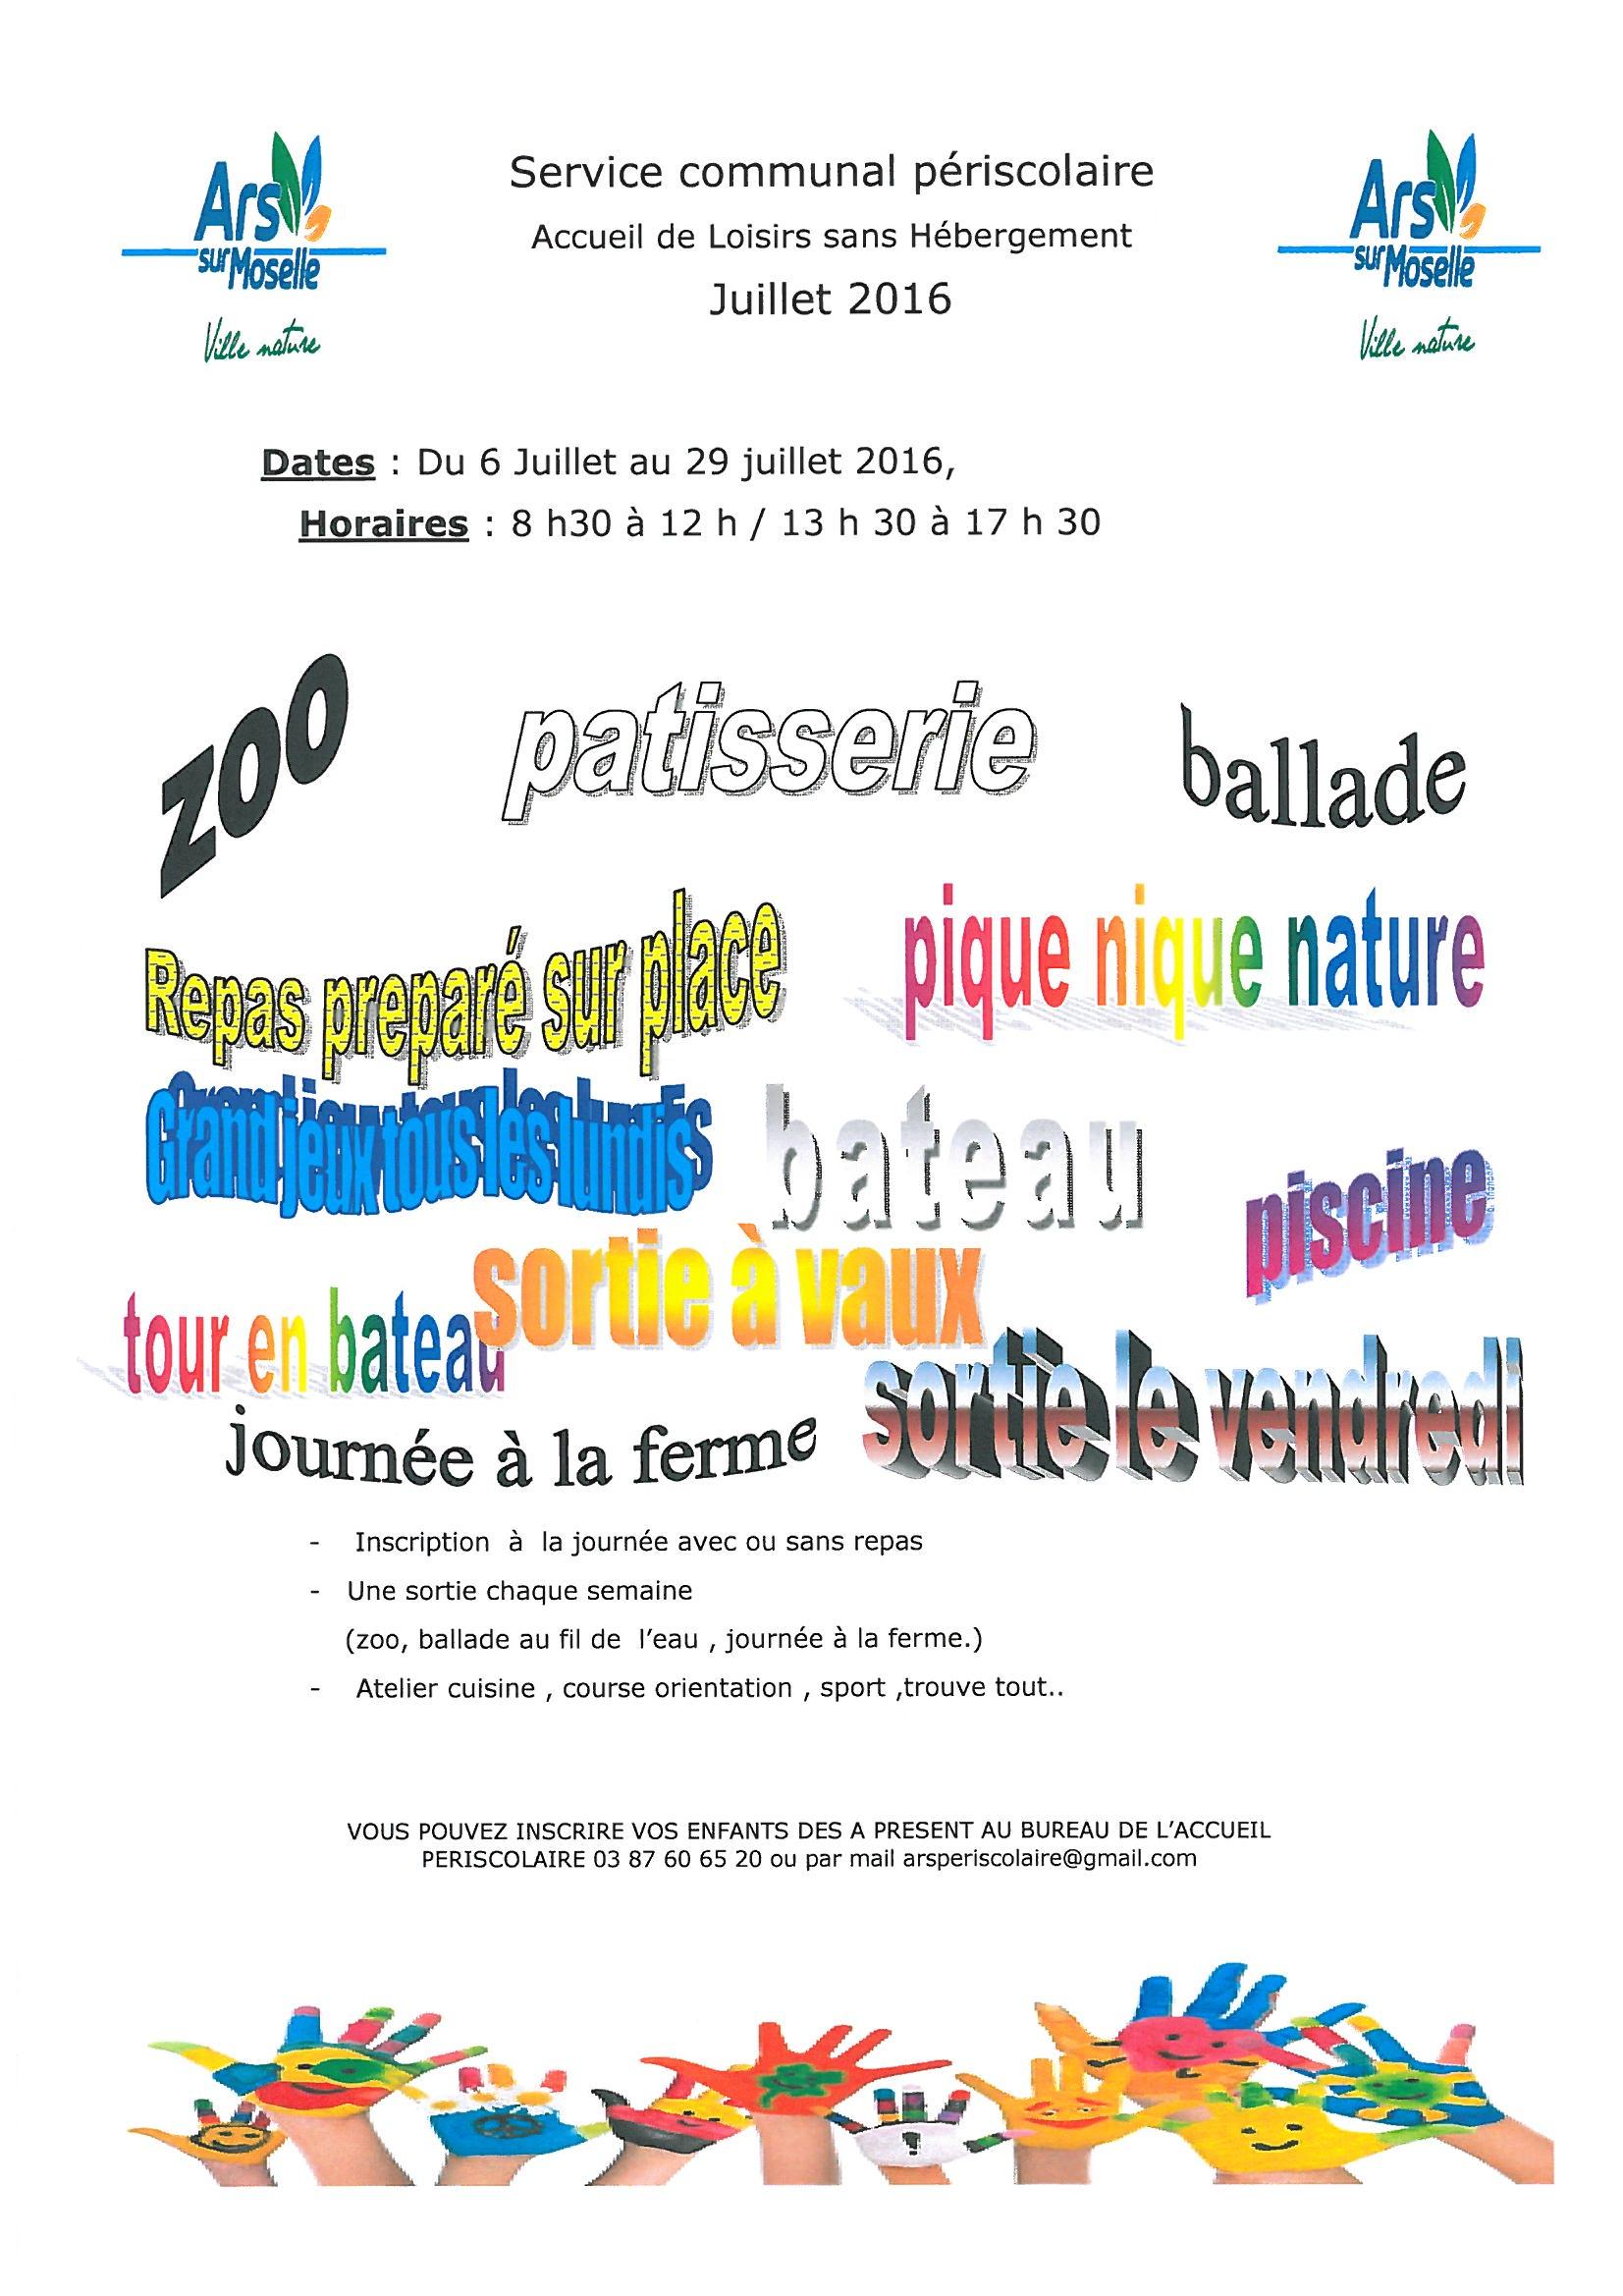 CENTRE DE LOISIRS du 6 au 29 juillet